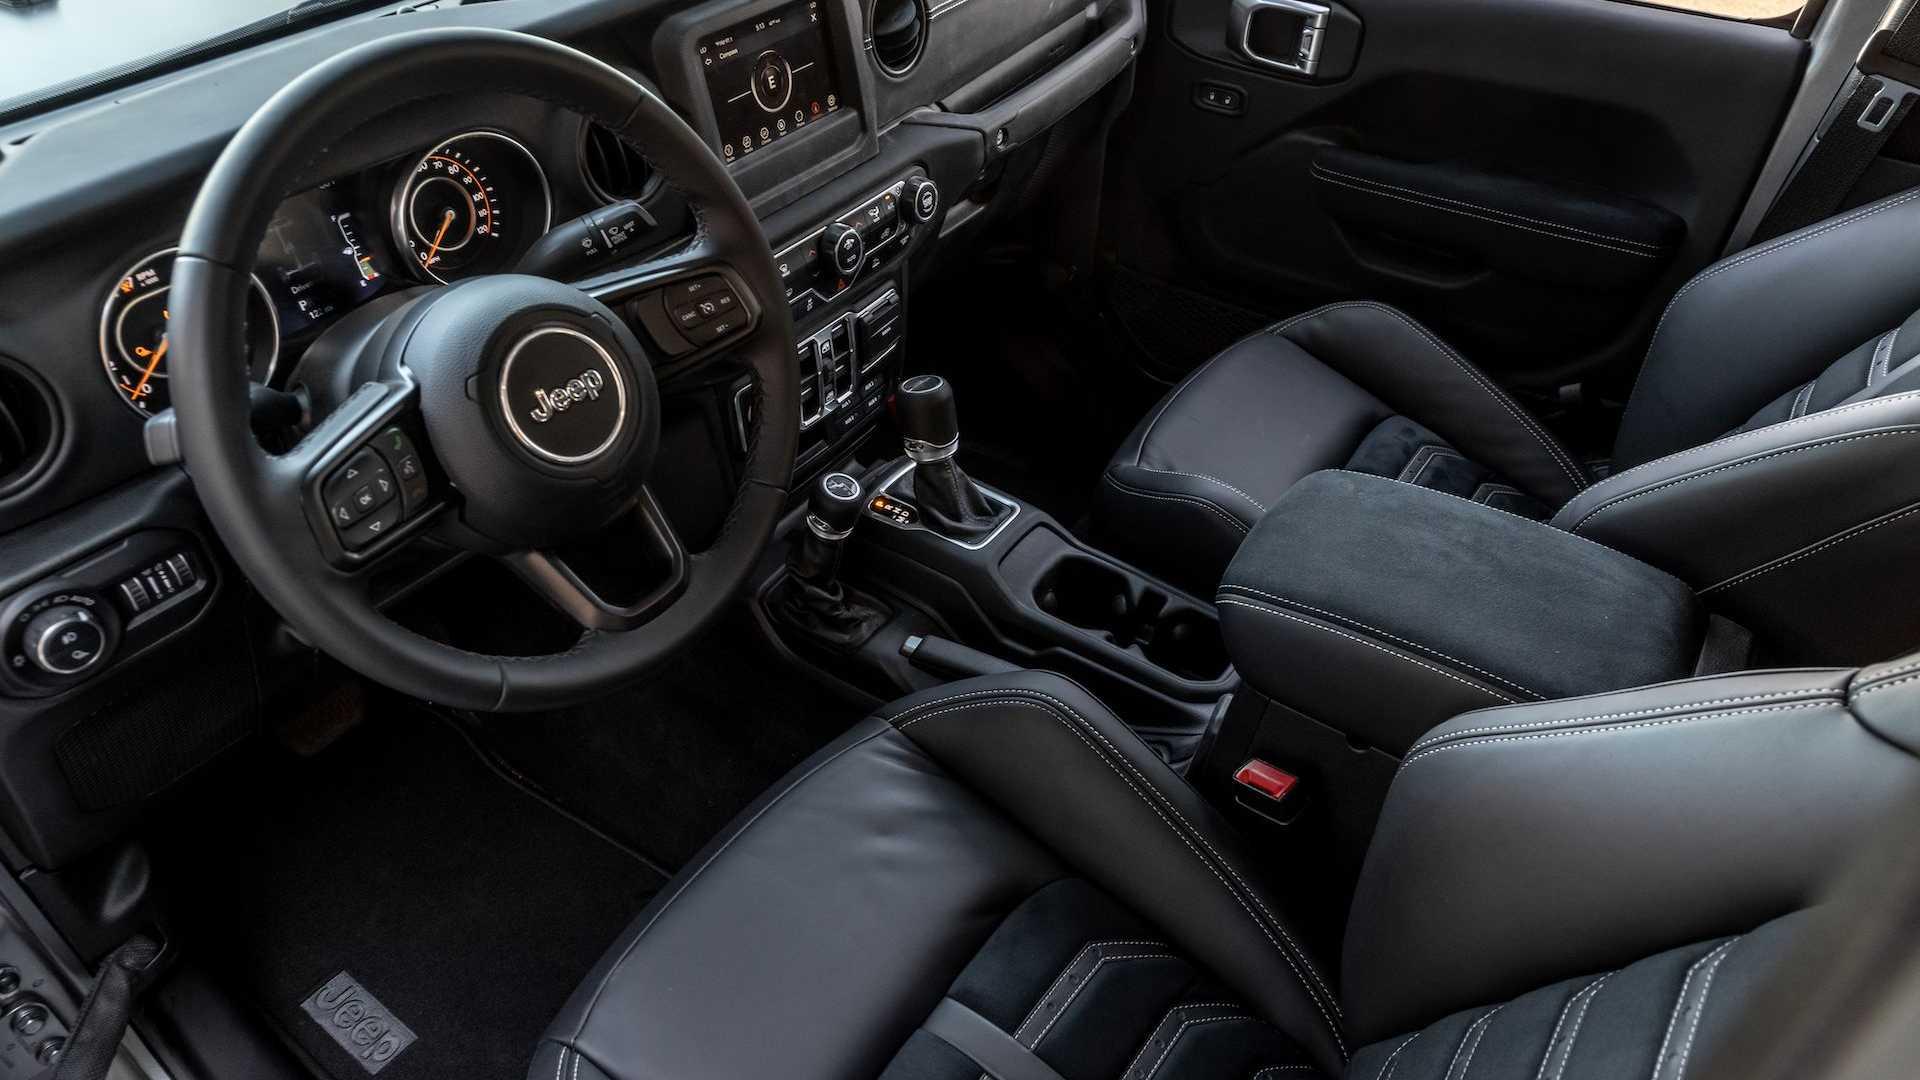 Jeep-Gladiator-6x6-by-Next-Level-41